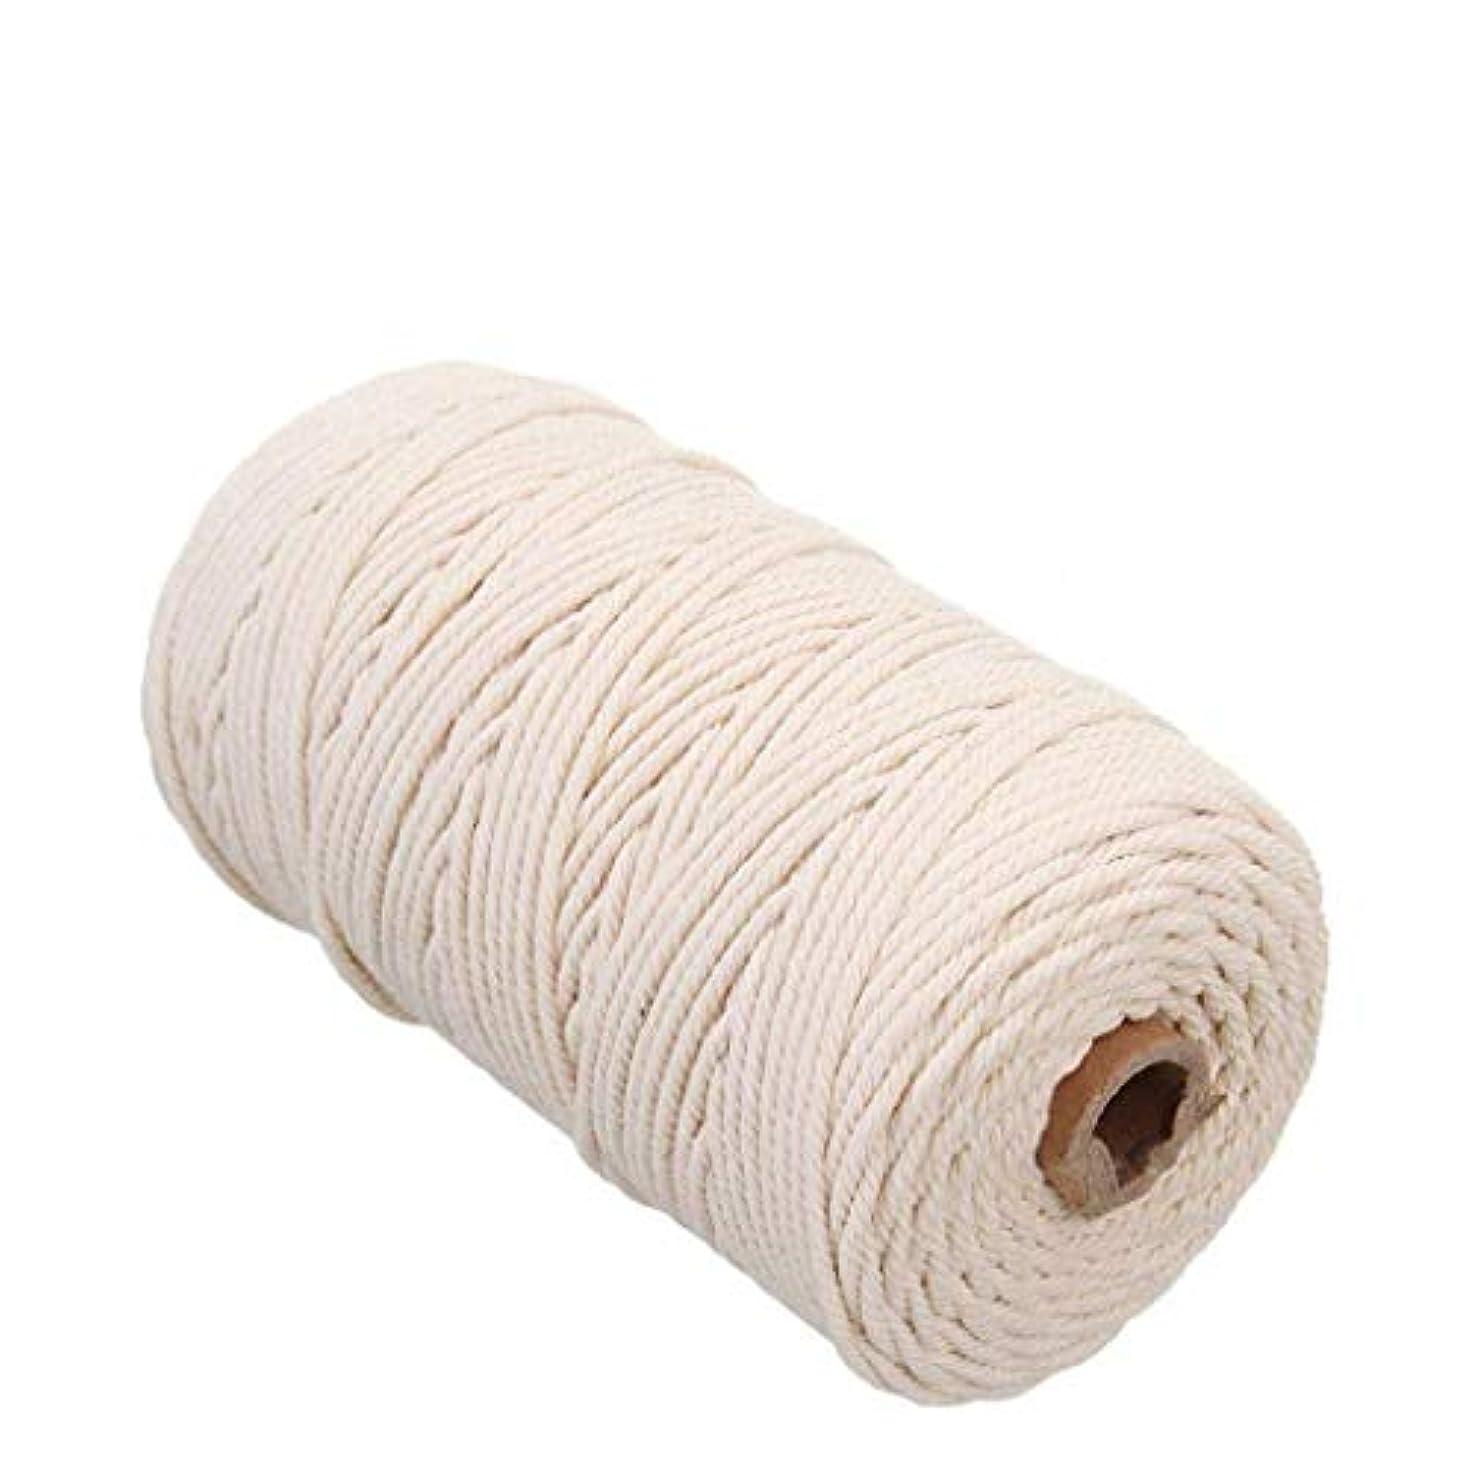 与えるの前で溶融手作りコットン糸 編み 天然コード 紐 綿糸ロープ 壁掛けロープナチュラルカラーニット製造プラントハンガー?クラフト 2mm x 200m (ライスホワイト)